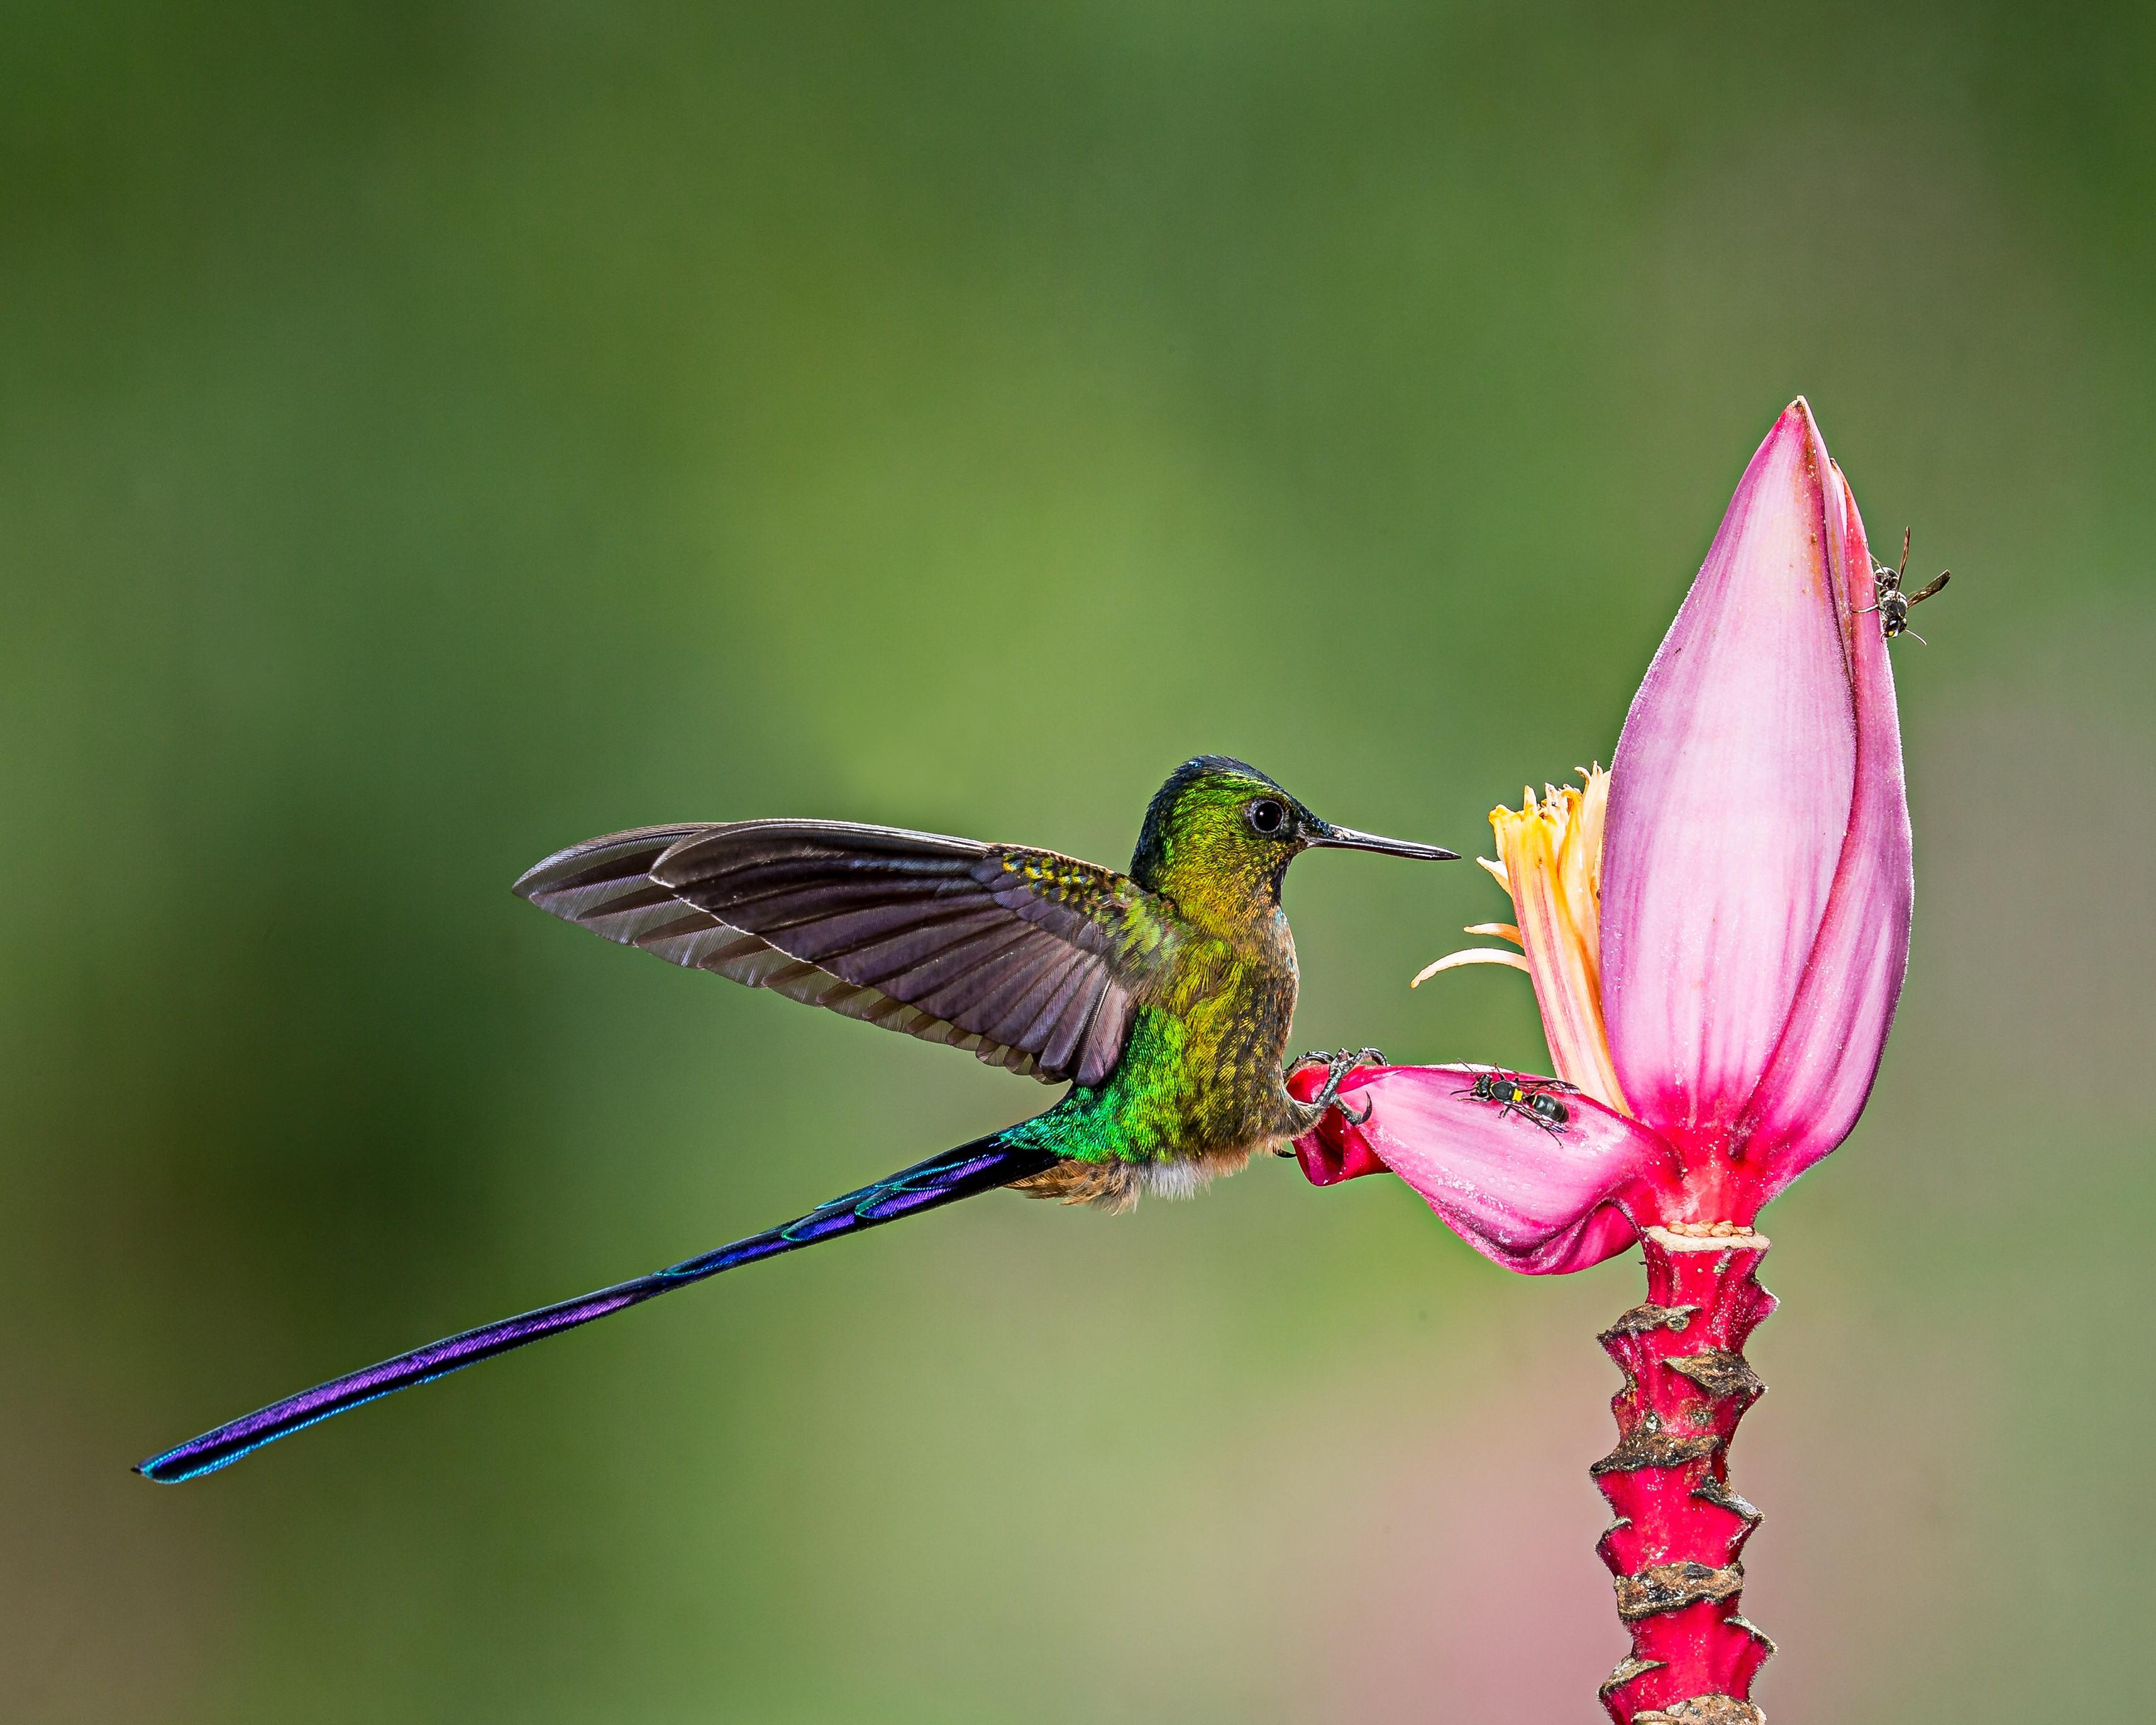 Hình ảnh những chú chim ruồi xanh